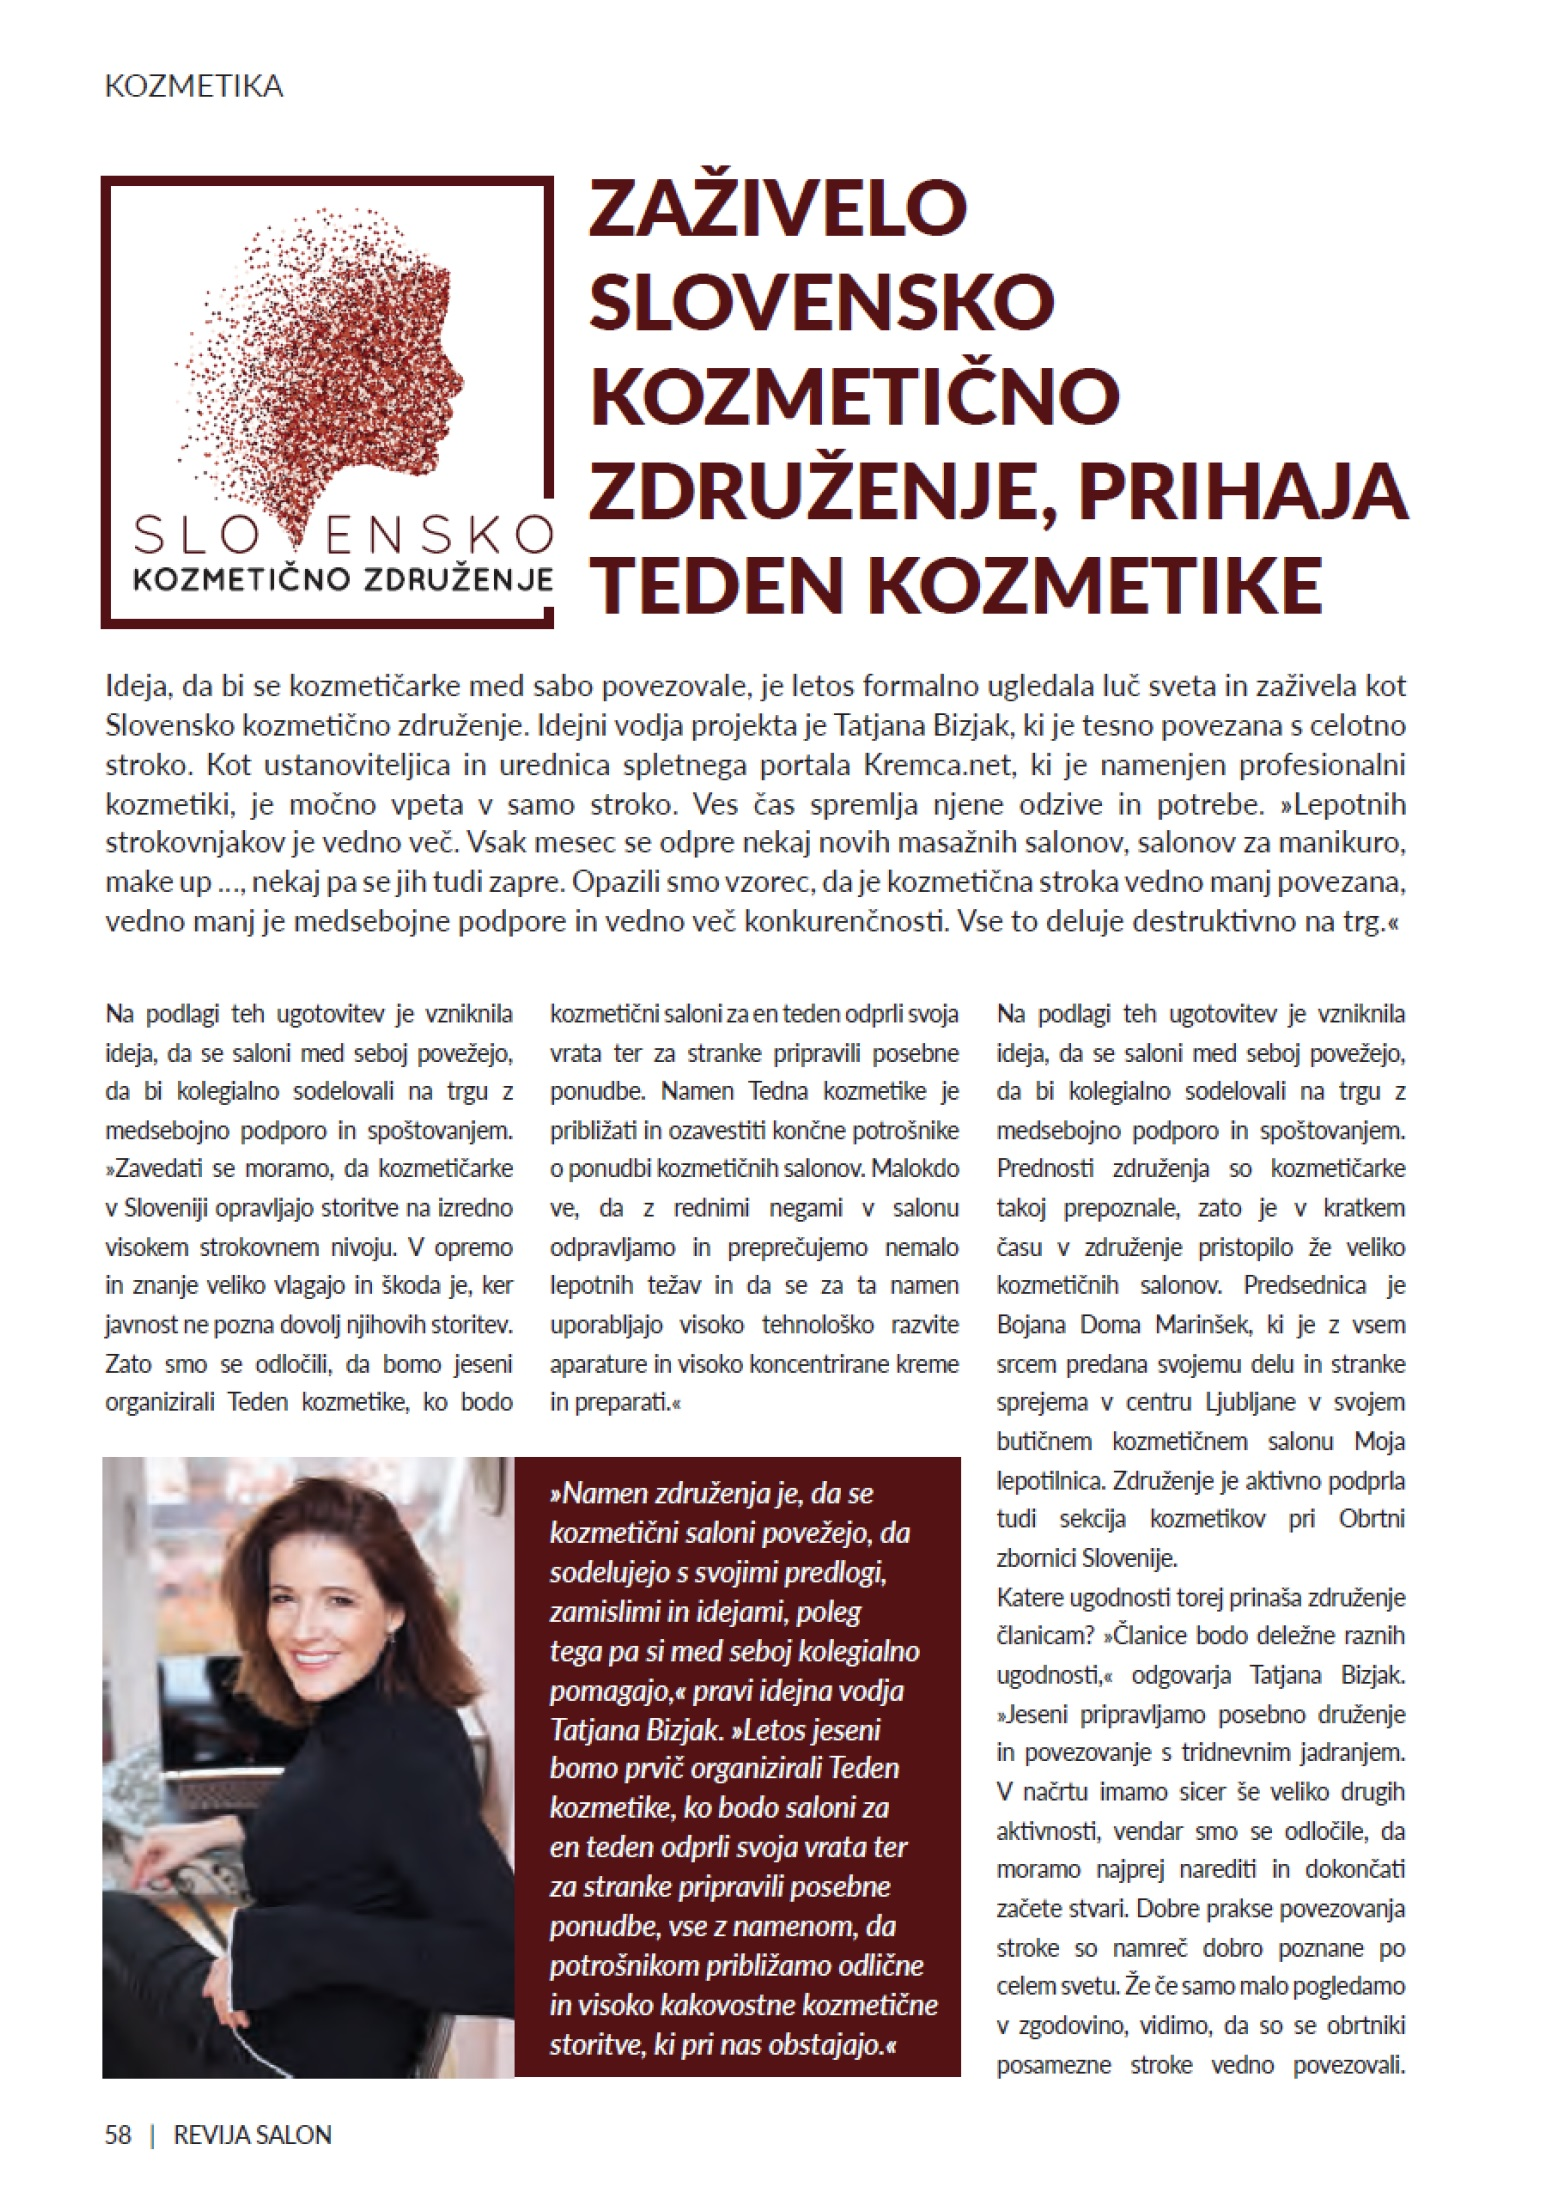 Zaživelo Slovensko kozmetično združenje